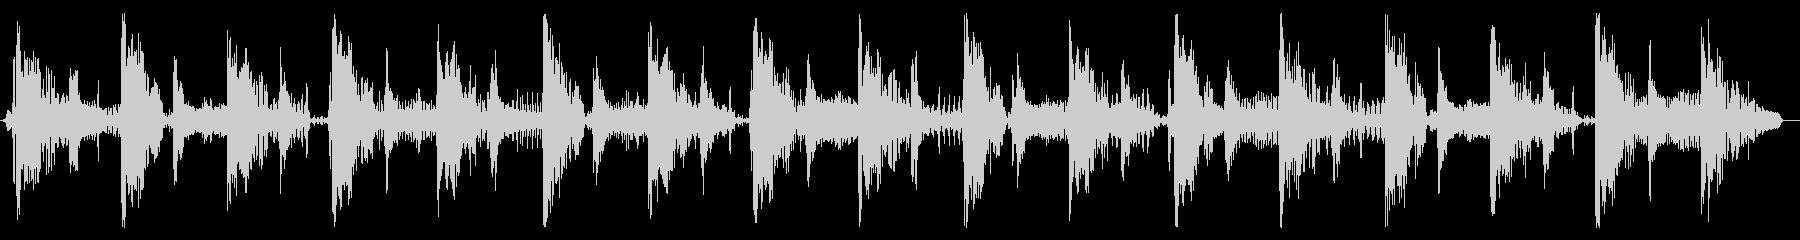 ベース生演奏のクールスラップジングル08の未再生の波形